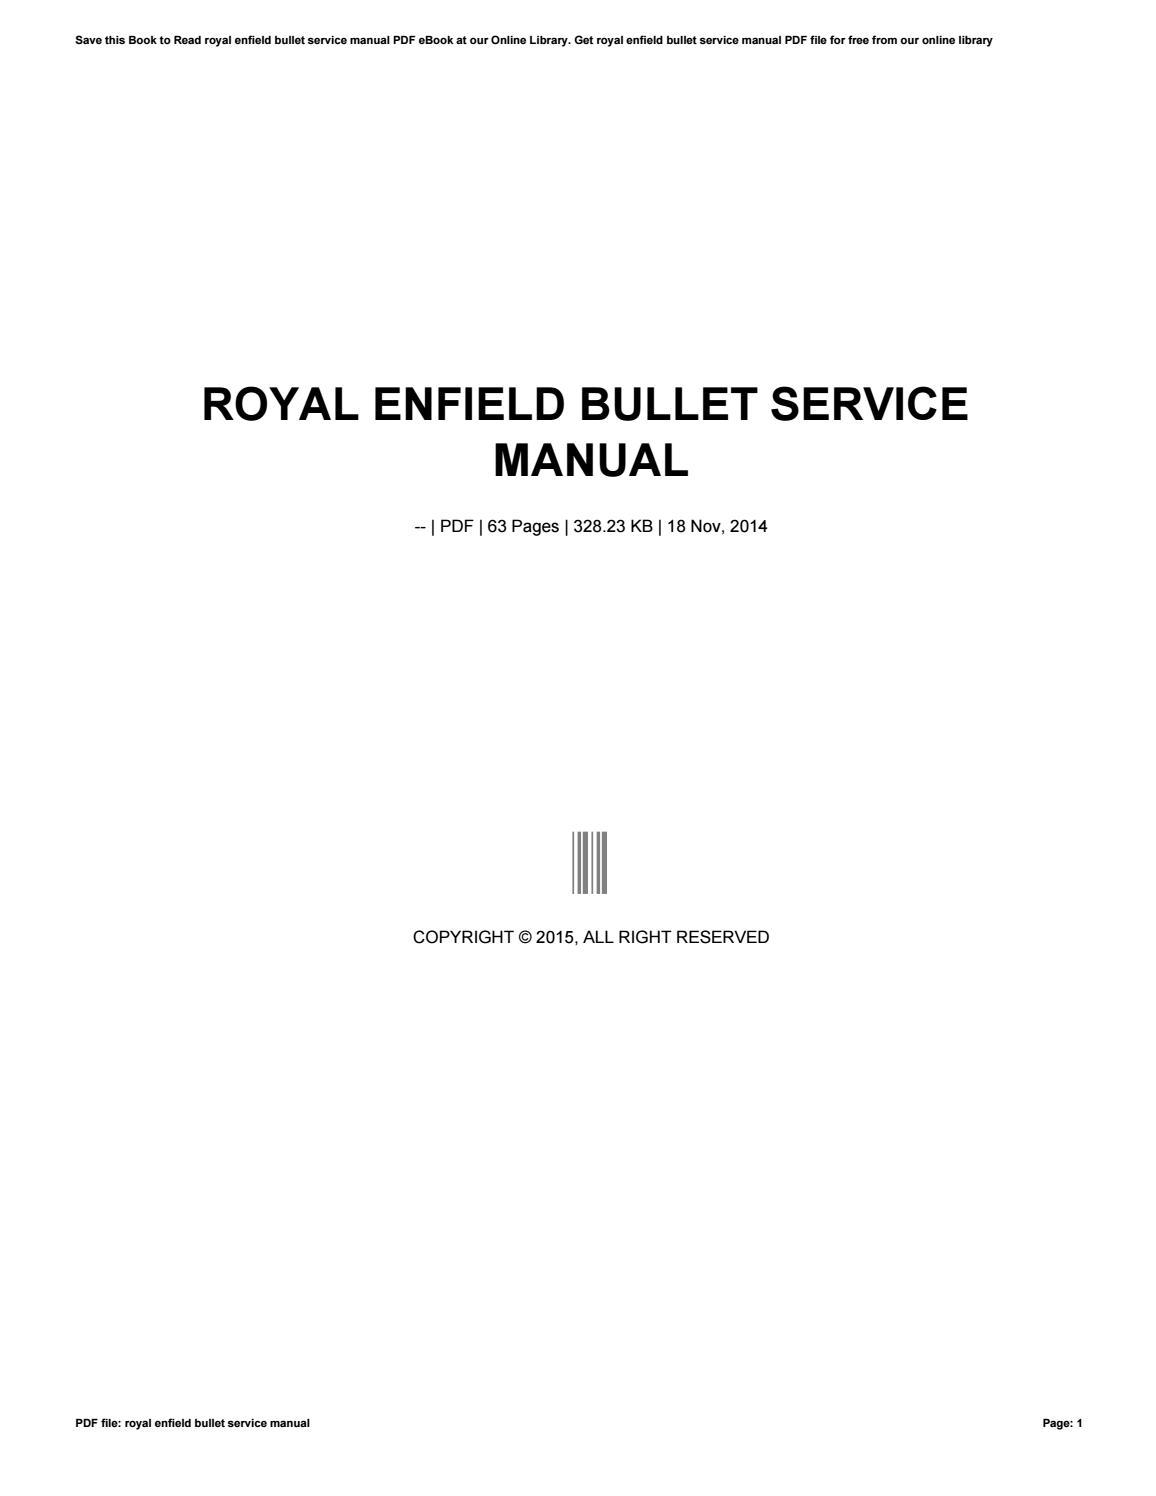 Royal Enfield Manual Pdf